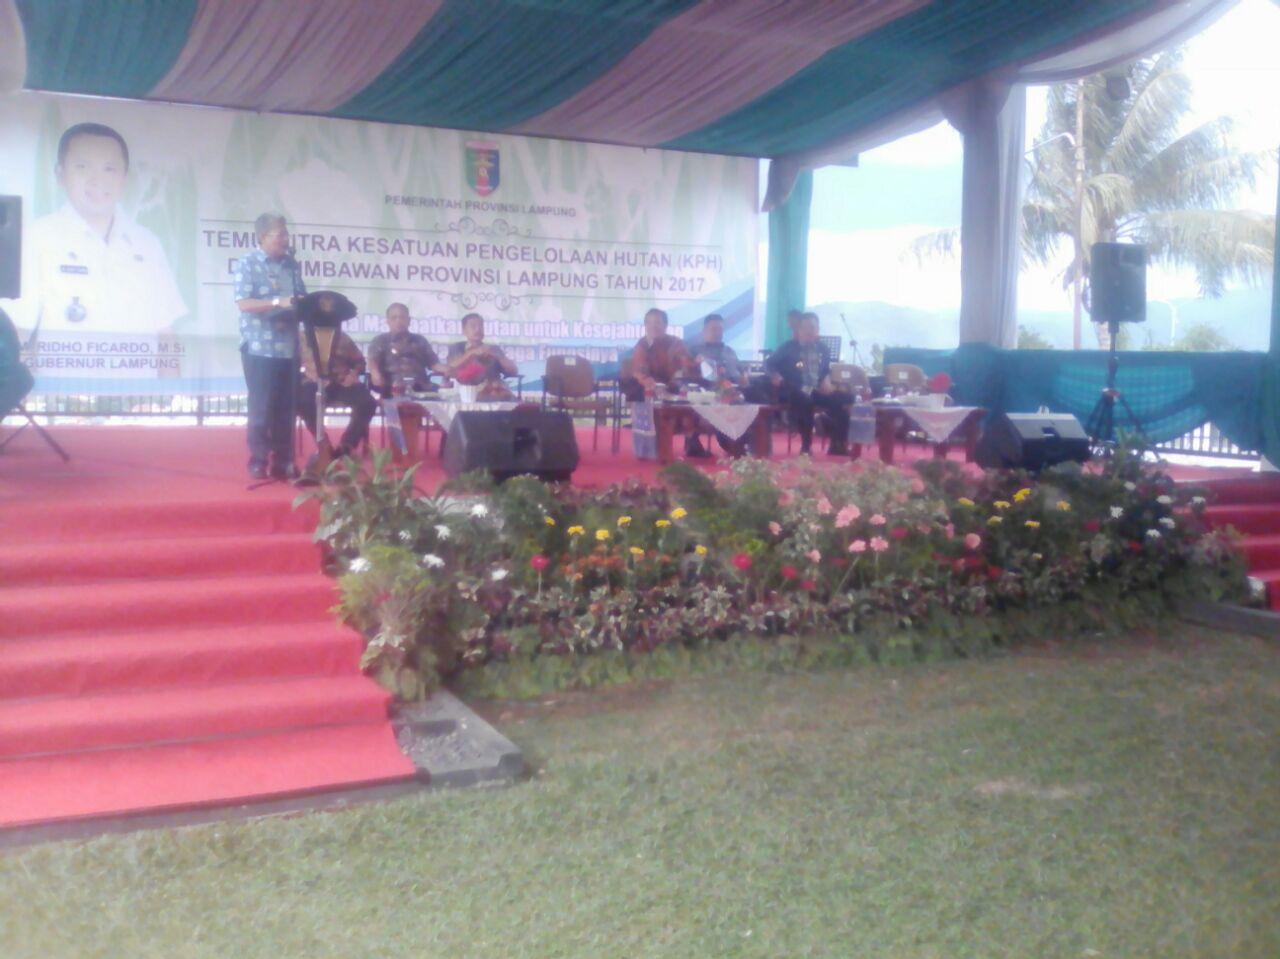 Kadishut Lampung : 54 % Hutan Lampung Rusak